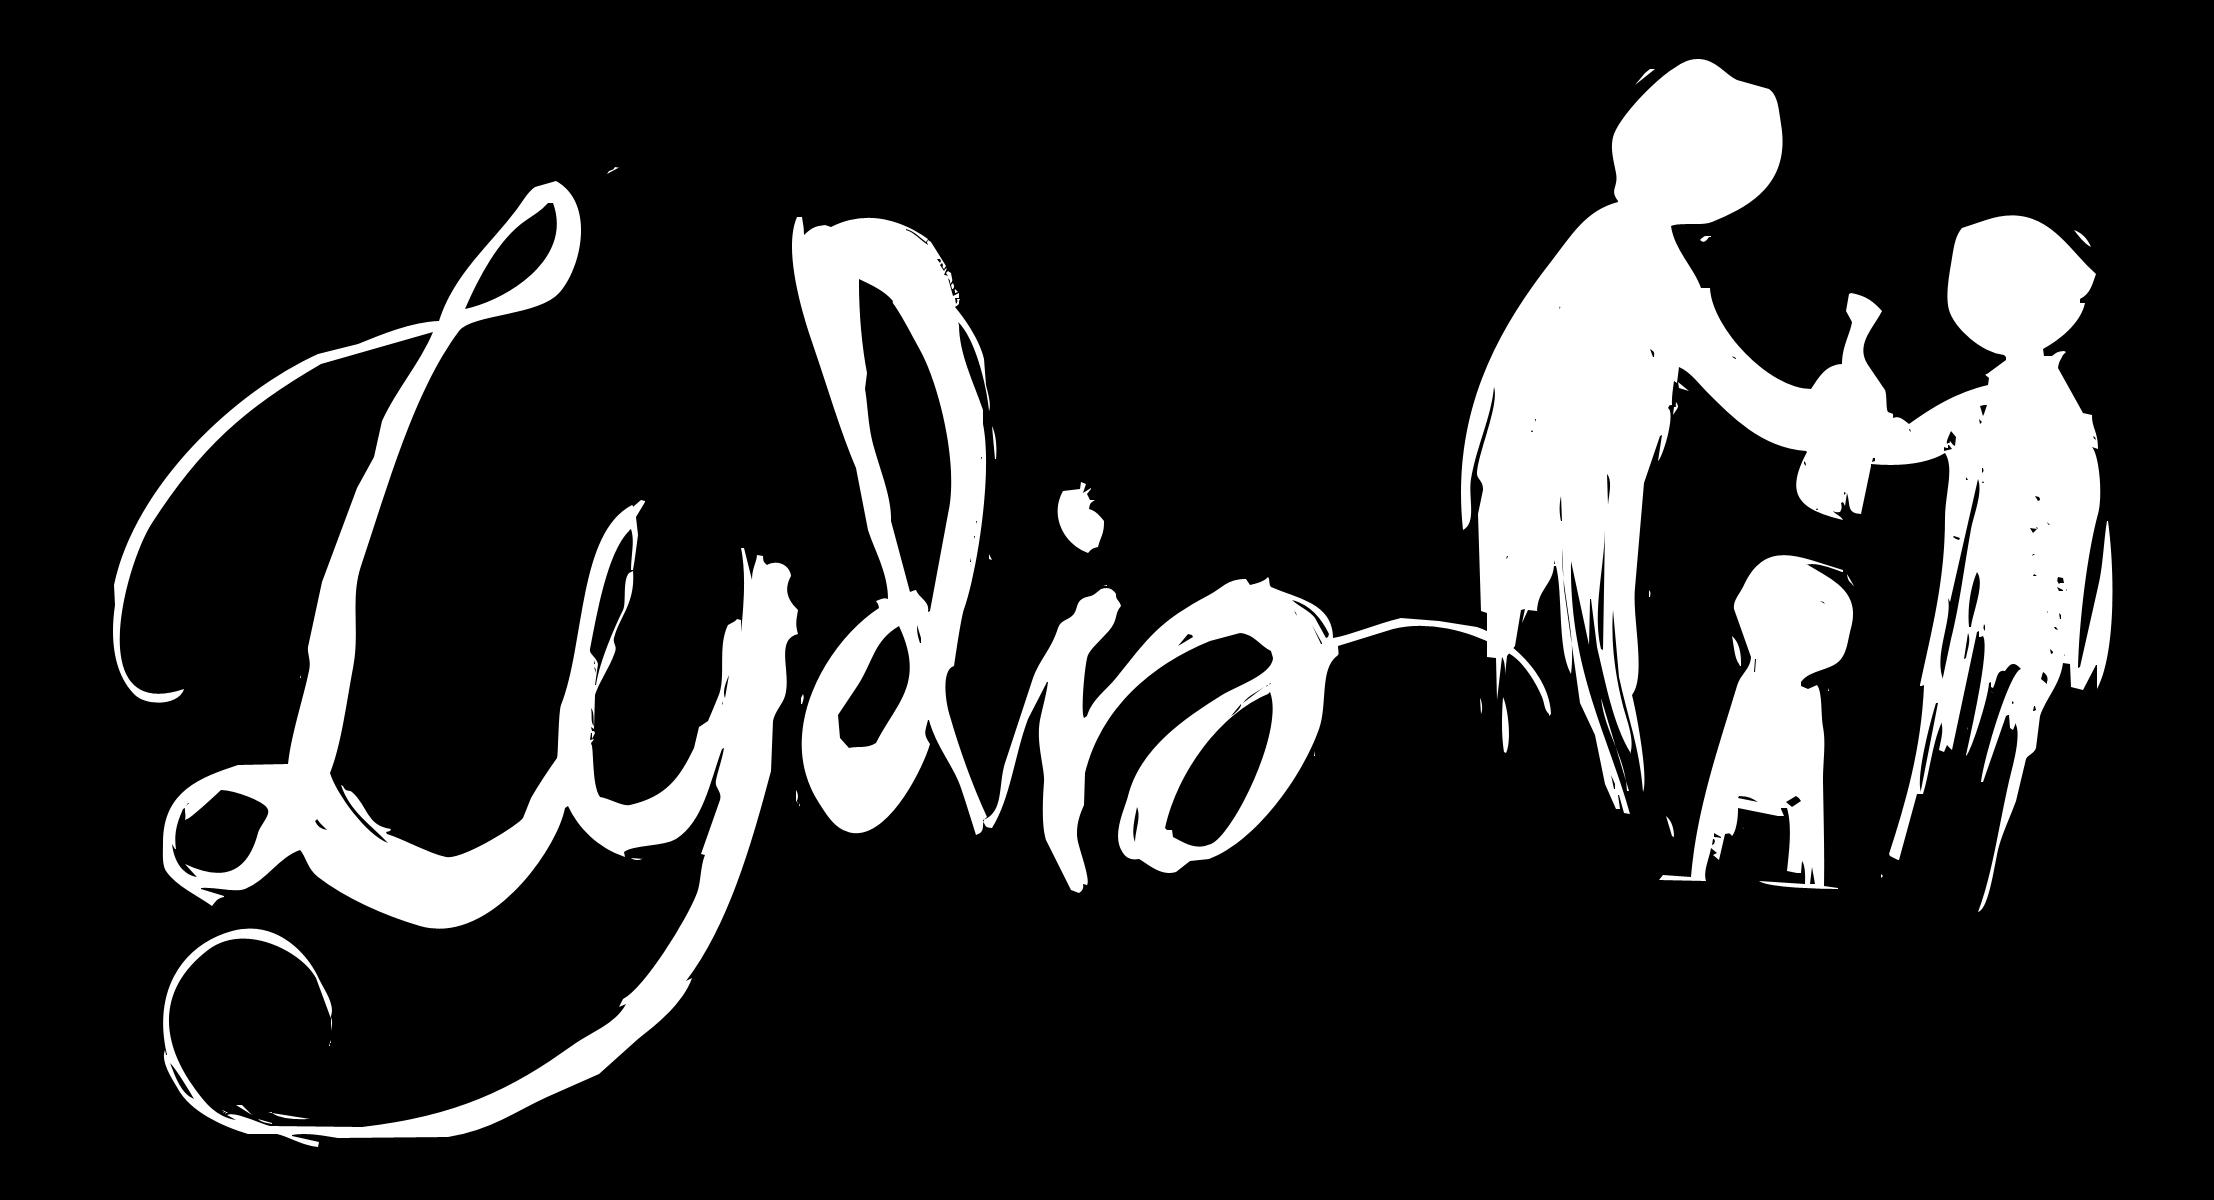 Lydia_logo.png